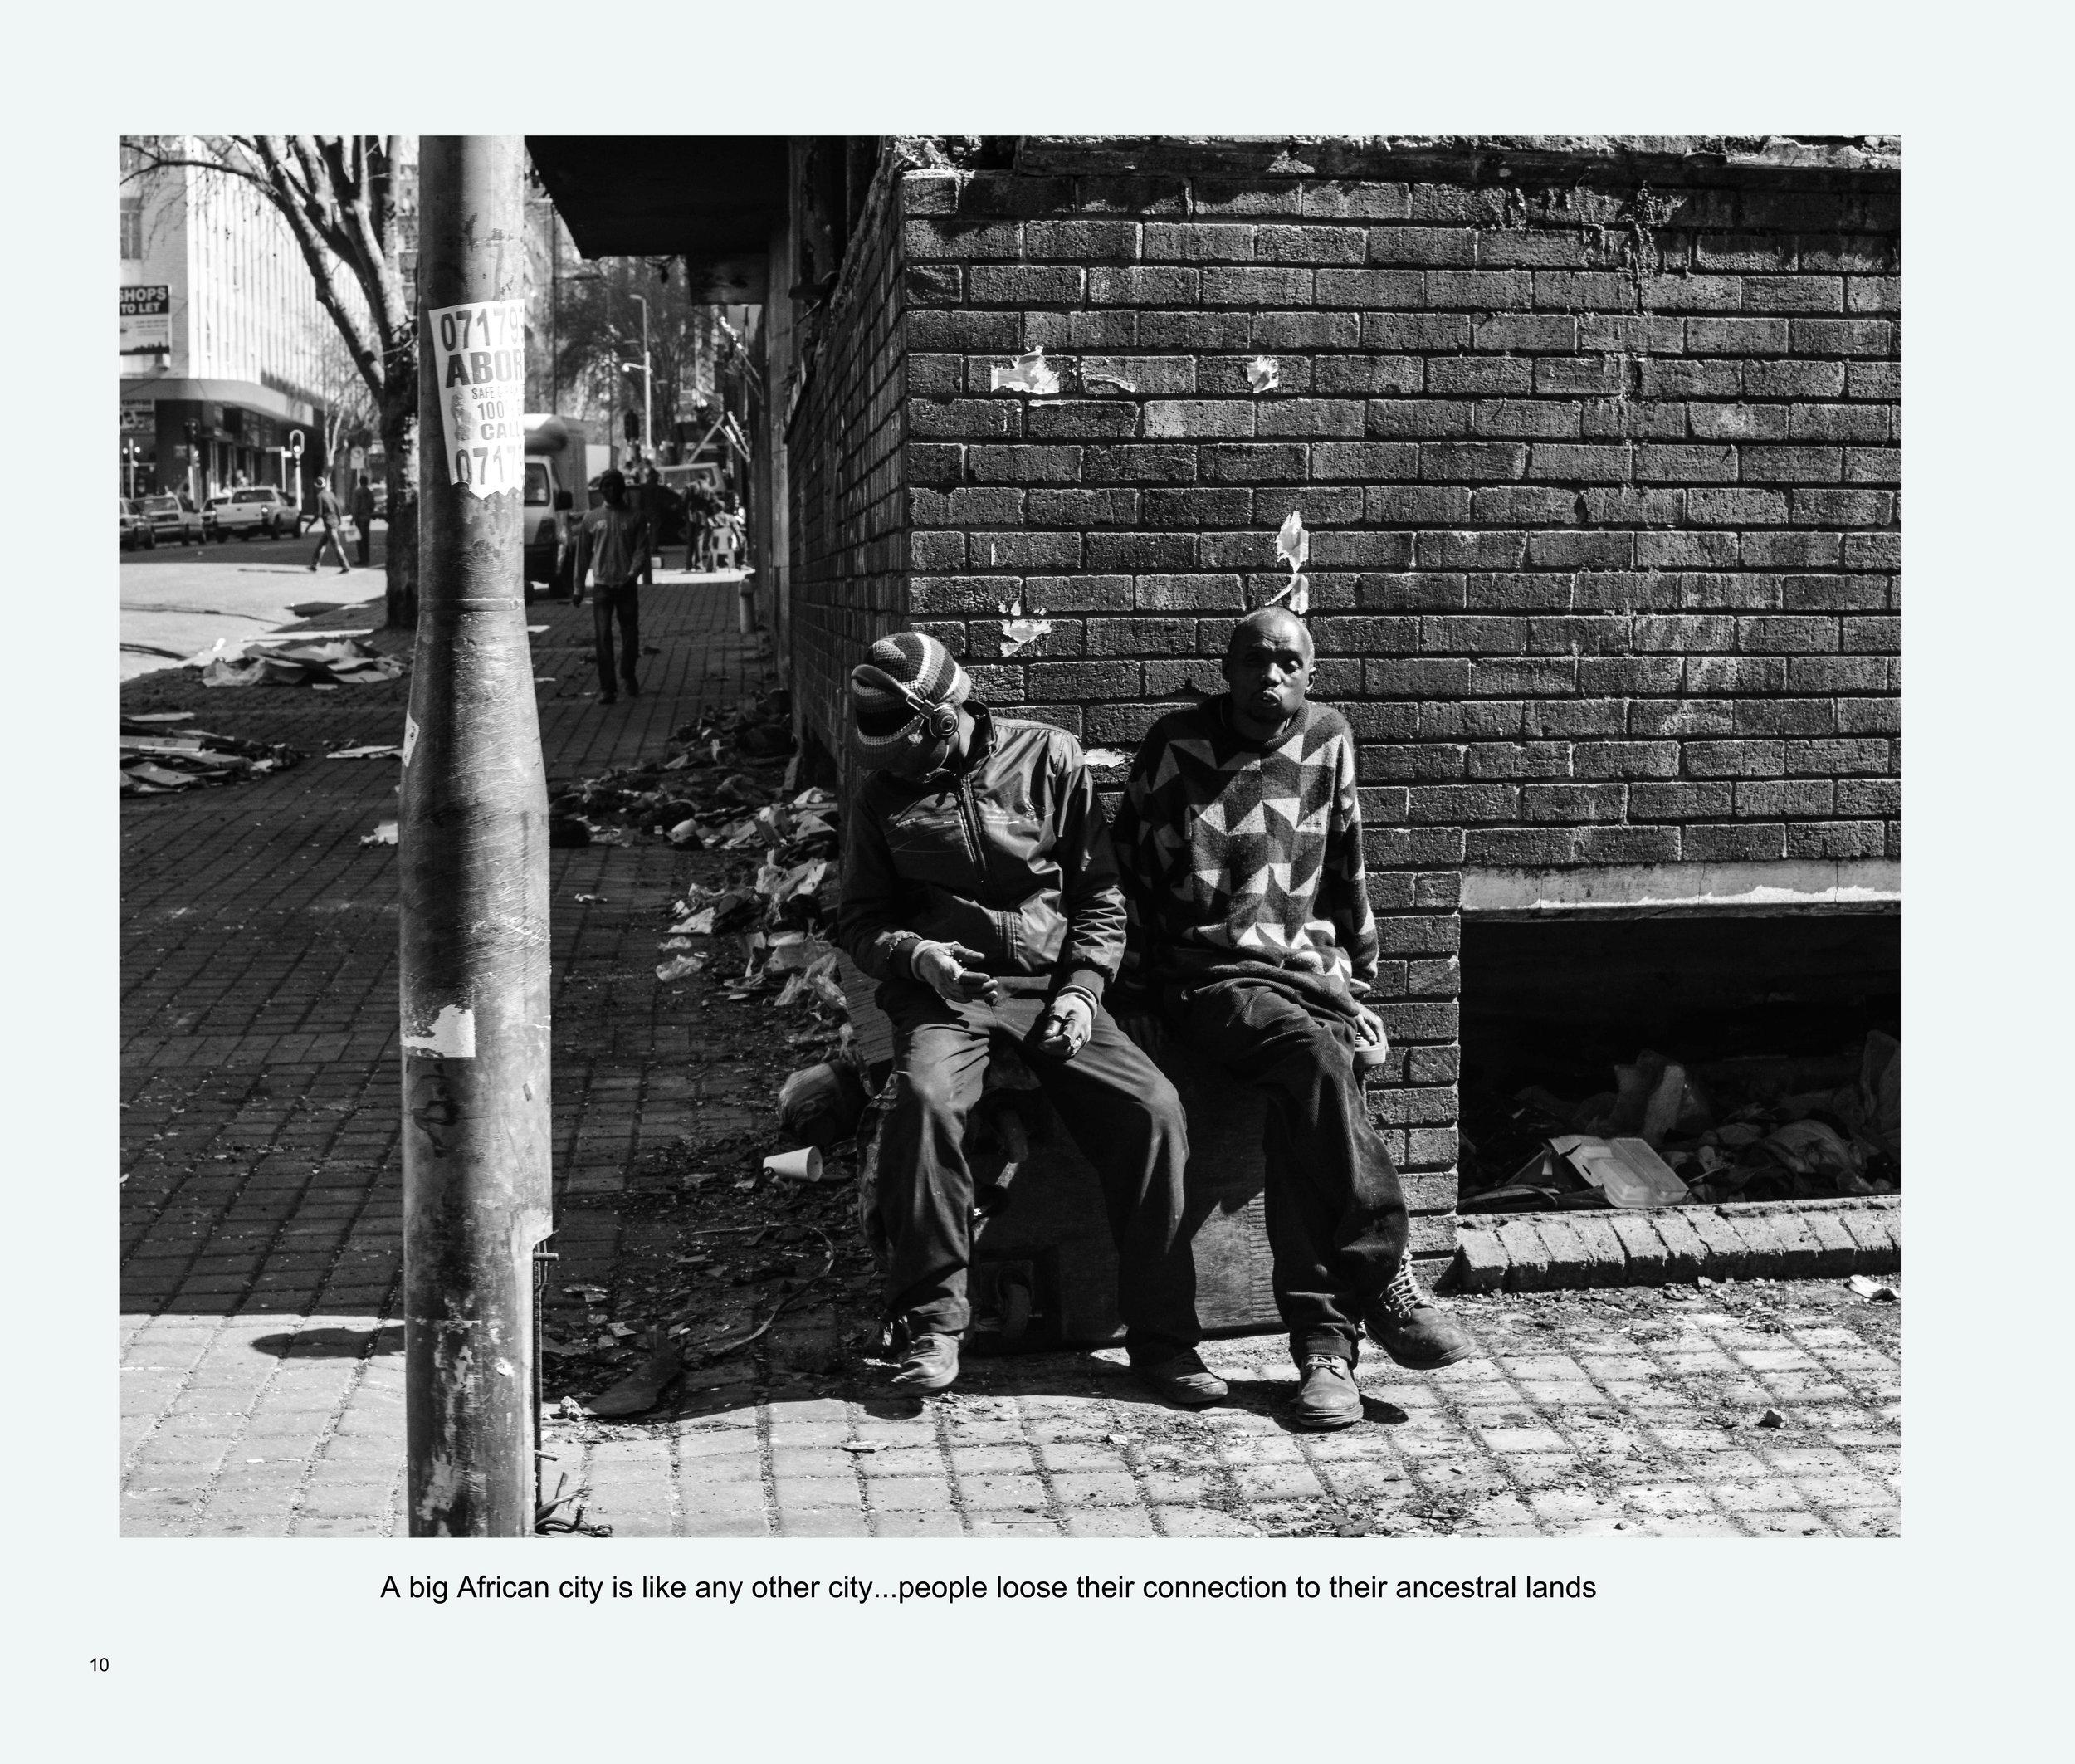 ImagesASouthernAfricaRoadTrip-12.jpg